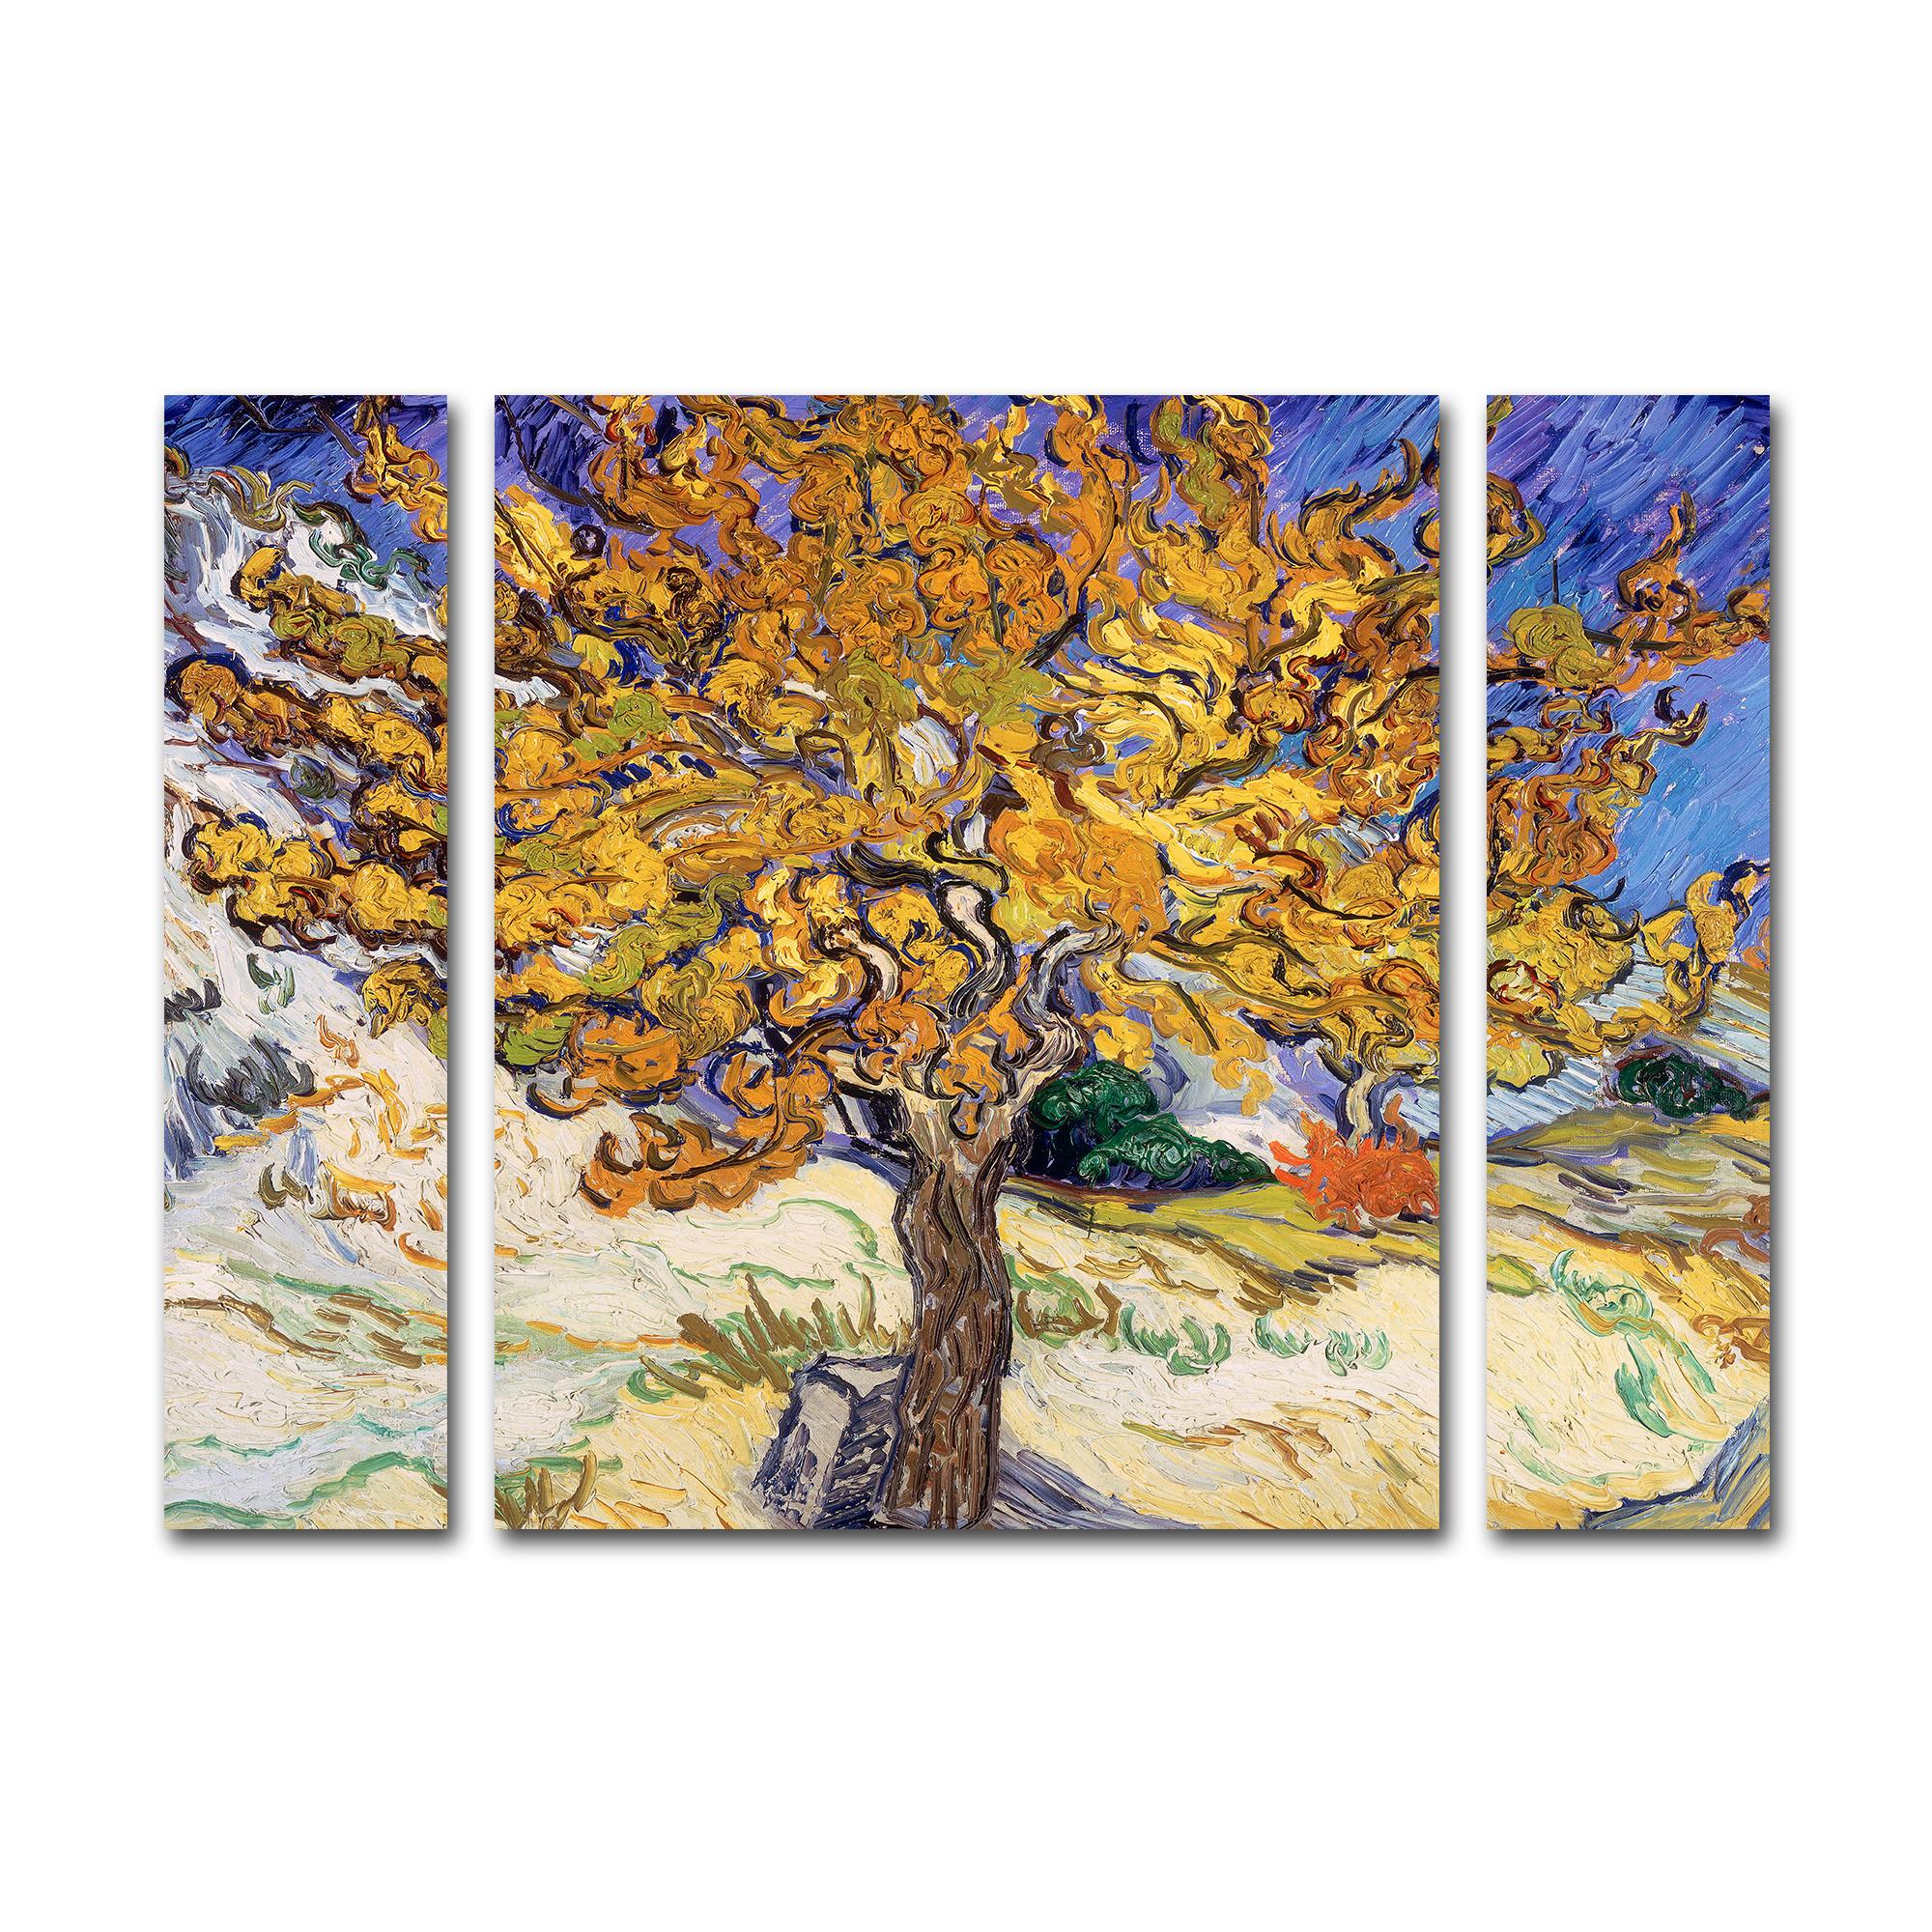 Trademark Global Vincent Van Gogh 'Mulberry Tree 1889' Multi Panel Art Set Small PartNumber: 021V002623636000P KsnValue: 2623636 MfgPartNumber: BL0415-3PC-SET-SM